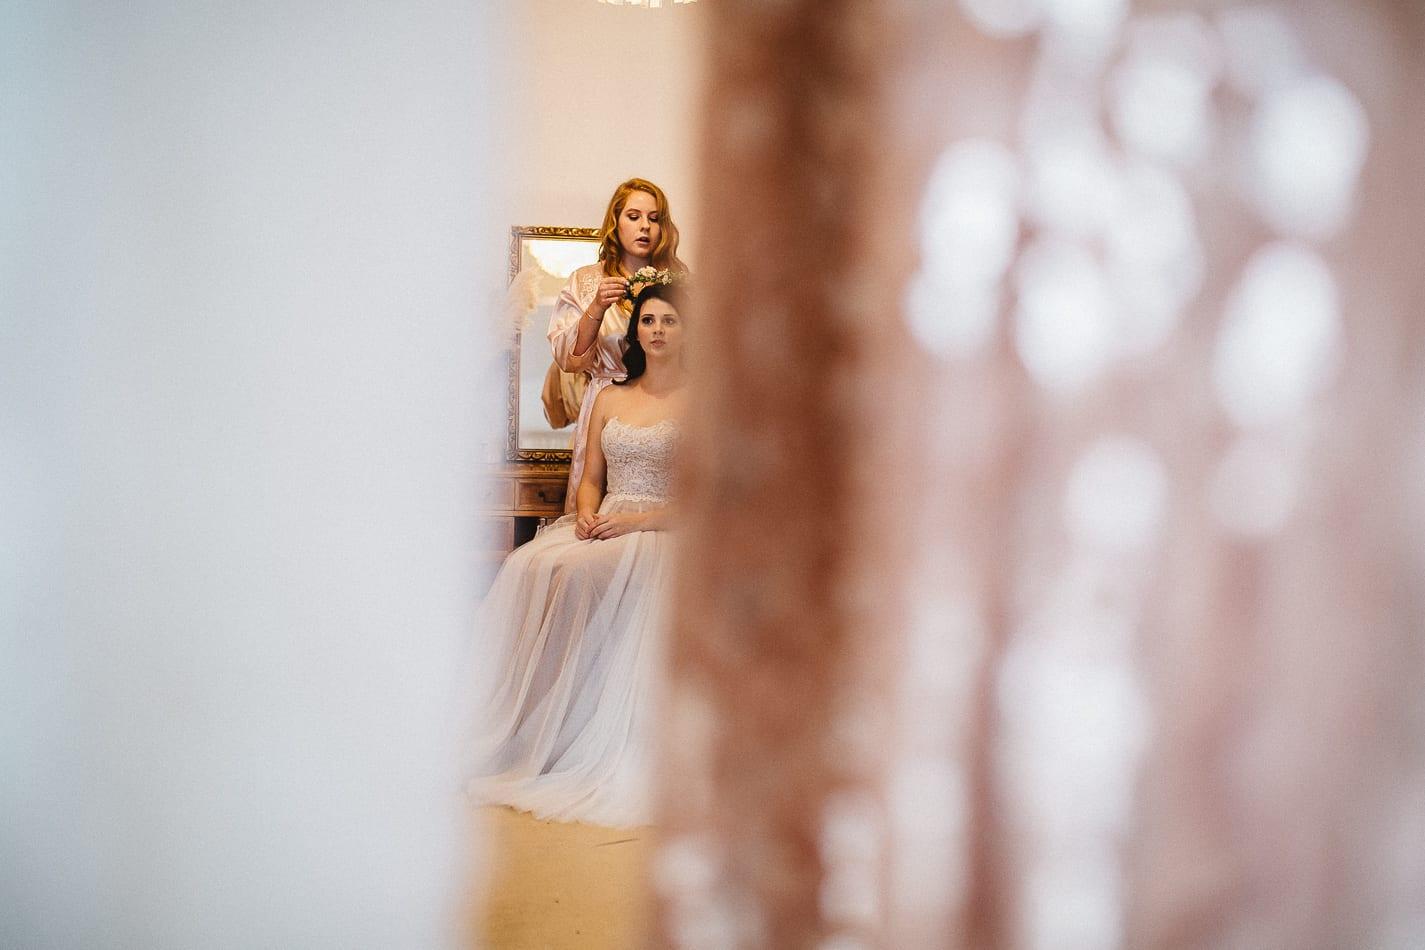 gover-ranch-redding-california-wedding-photographer-40